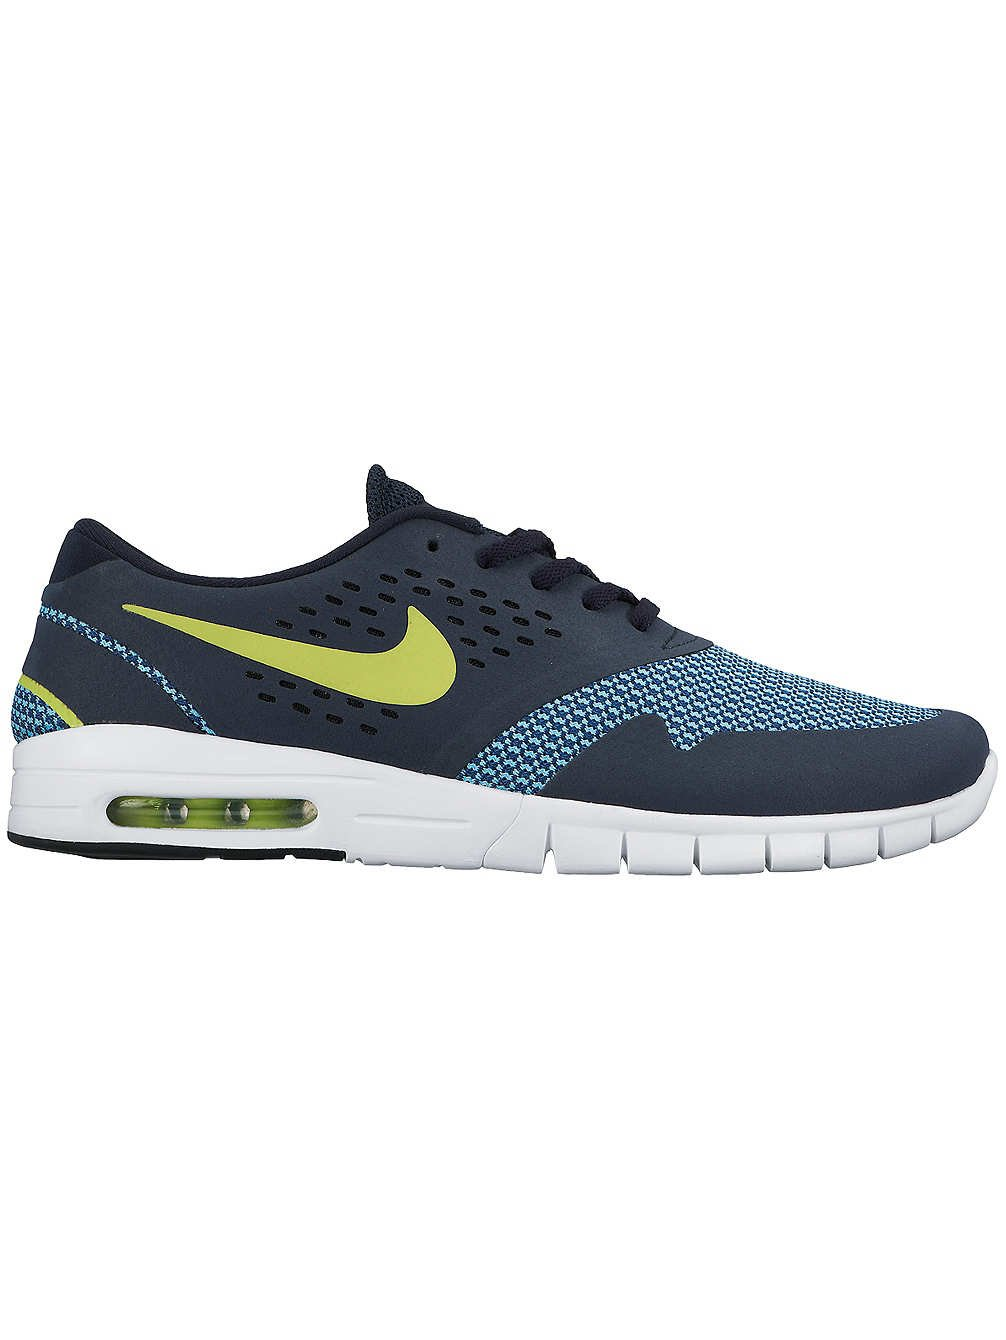 Nike Herren Eric Koston 2 Max Skaterschuhe, Rot, Talla  42.5 EU|Schwarz / Grau / Blau (Dark Obsidian / Cyber-brgd Blau)